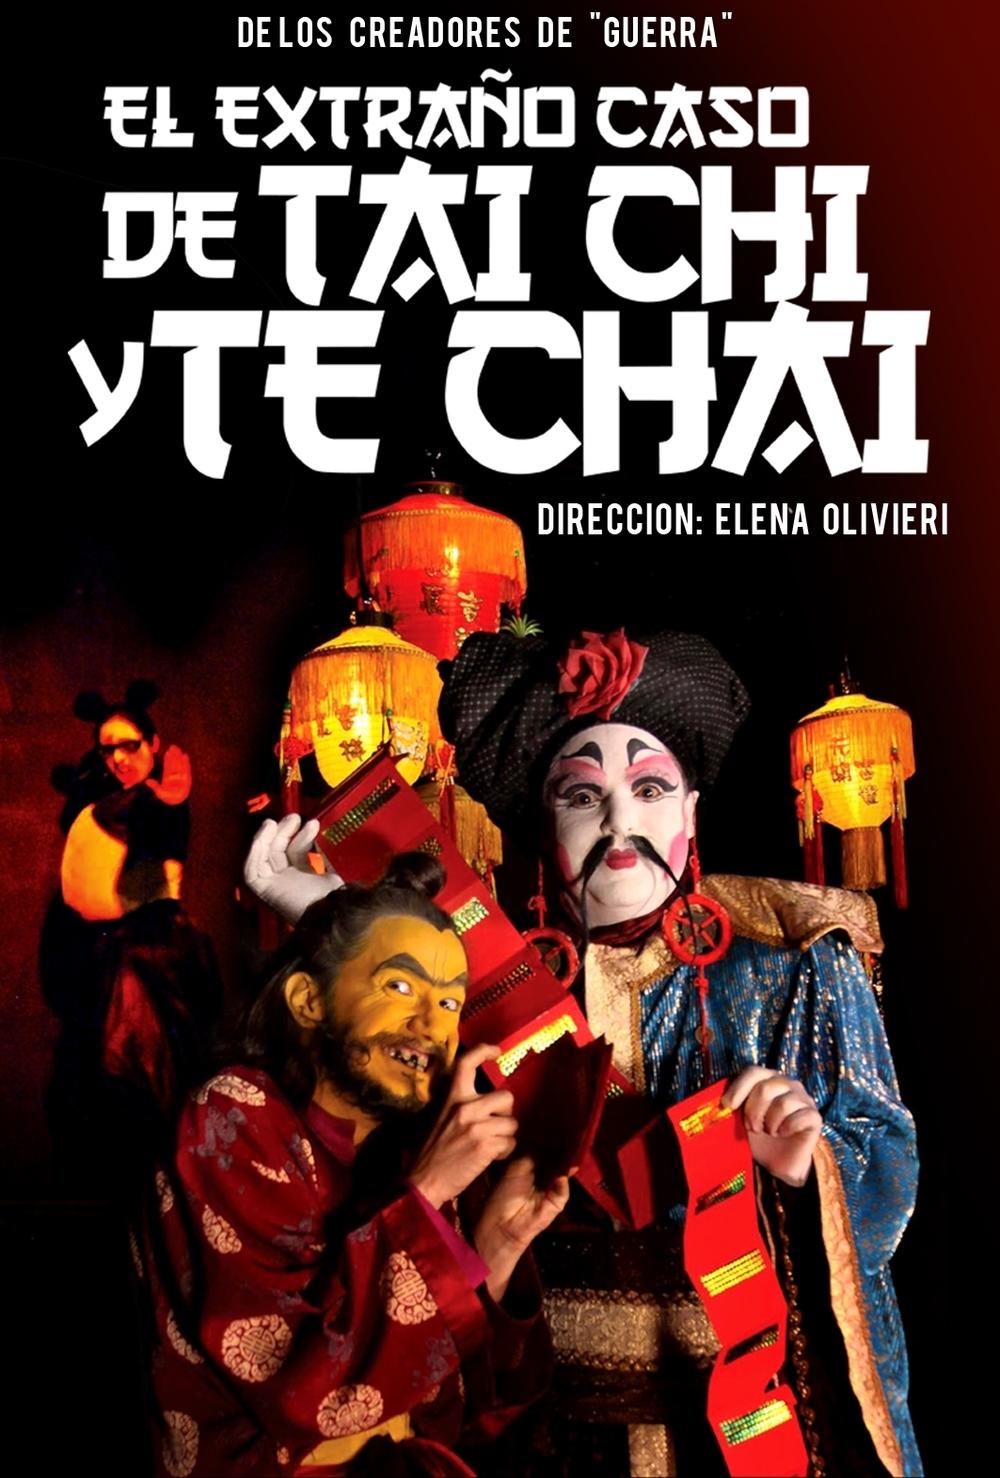 Es un espectáculo que mezcla el humor blanco del clown con el humor negro del bufón, generando una comedia divertida pero con un toque de crítica social y reflexión.